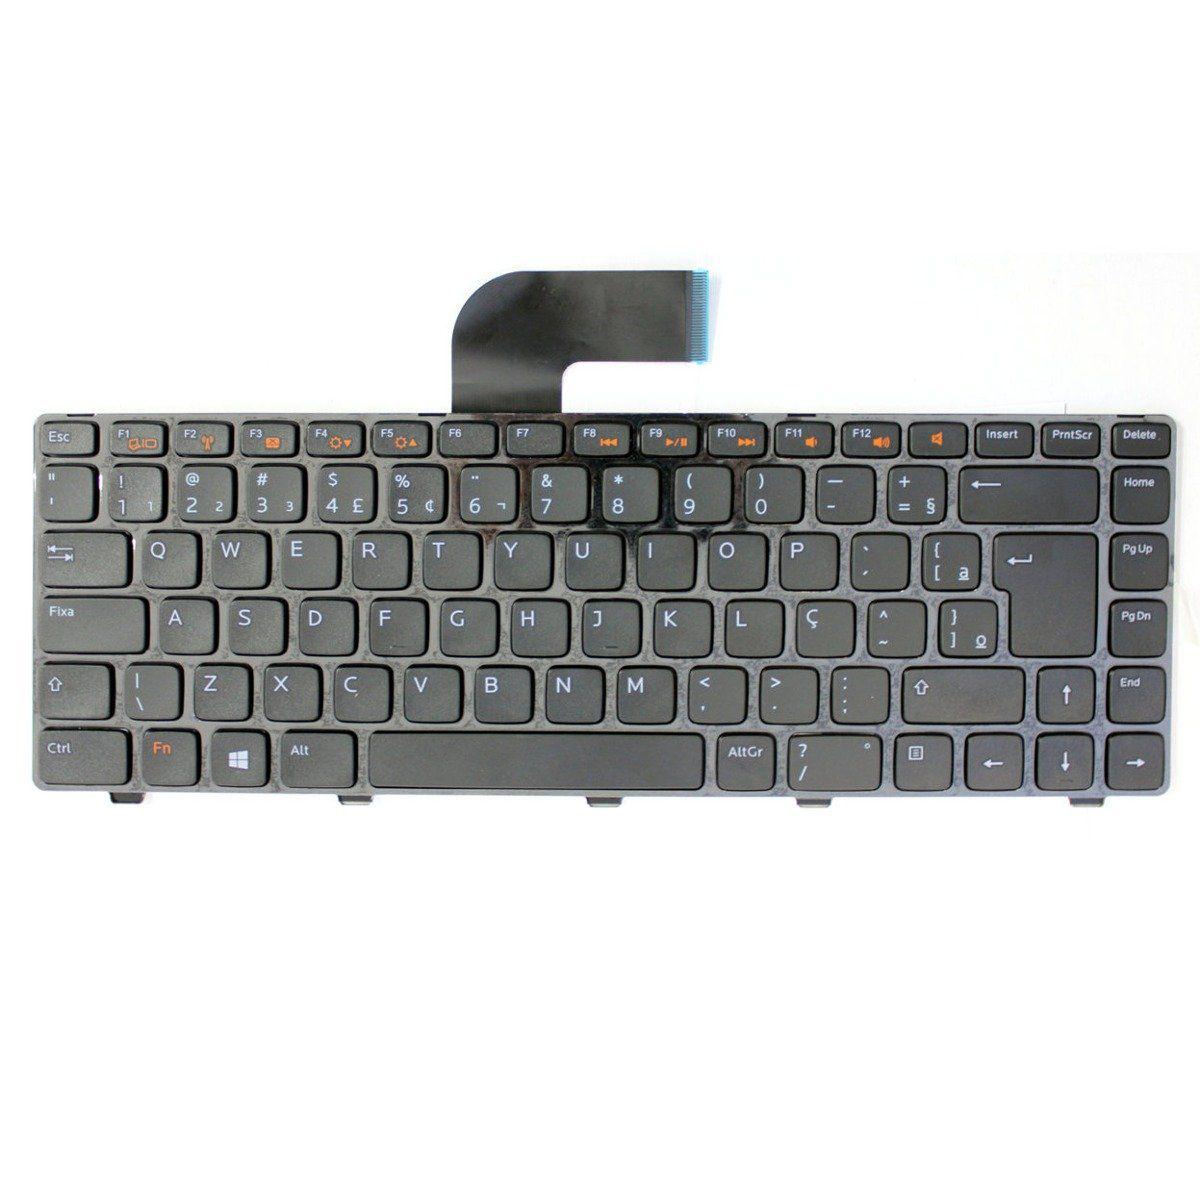 Teclado Notebook Dell Inspiron 14r-3460 PK130OF1B36 (Novo)